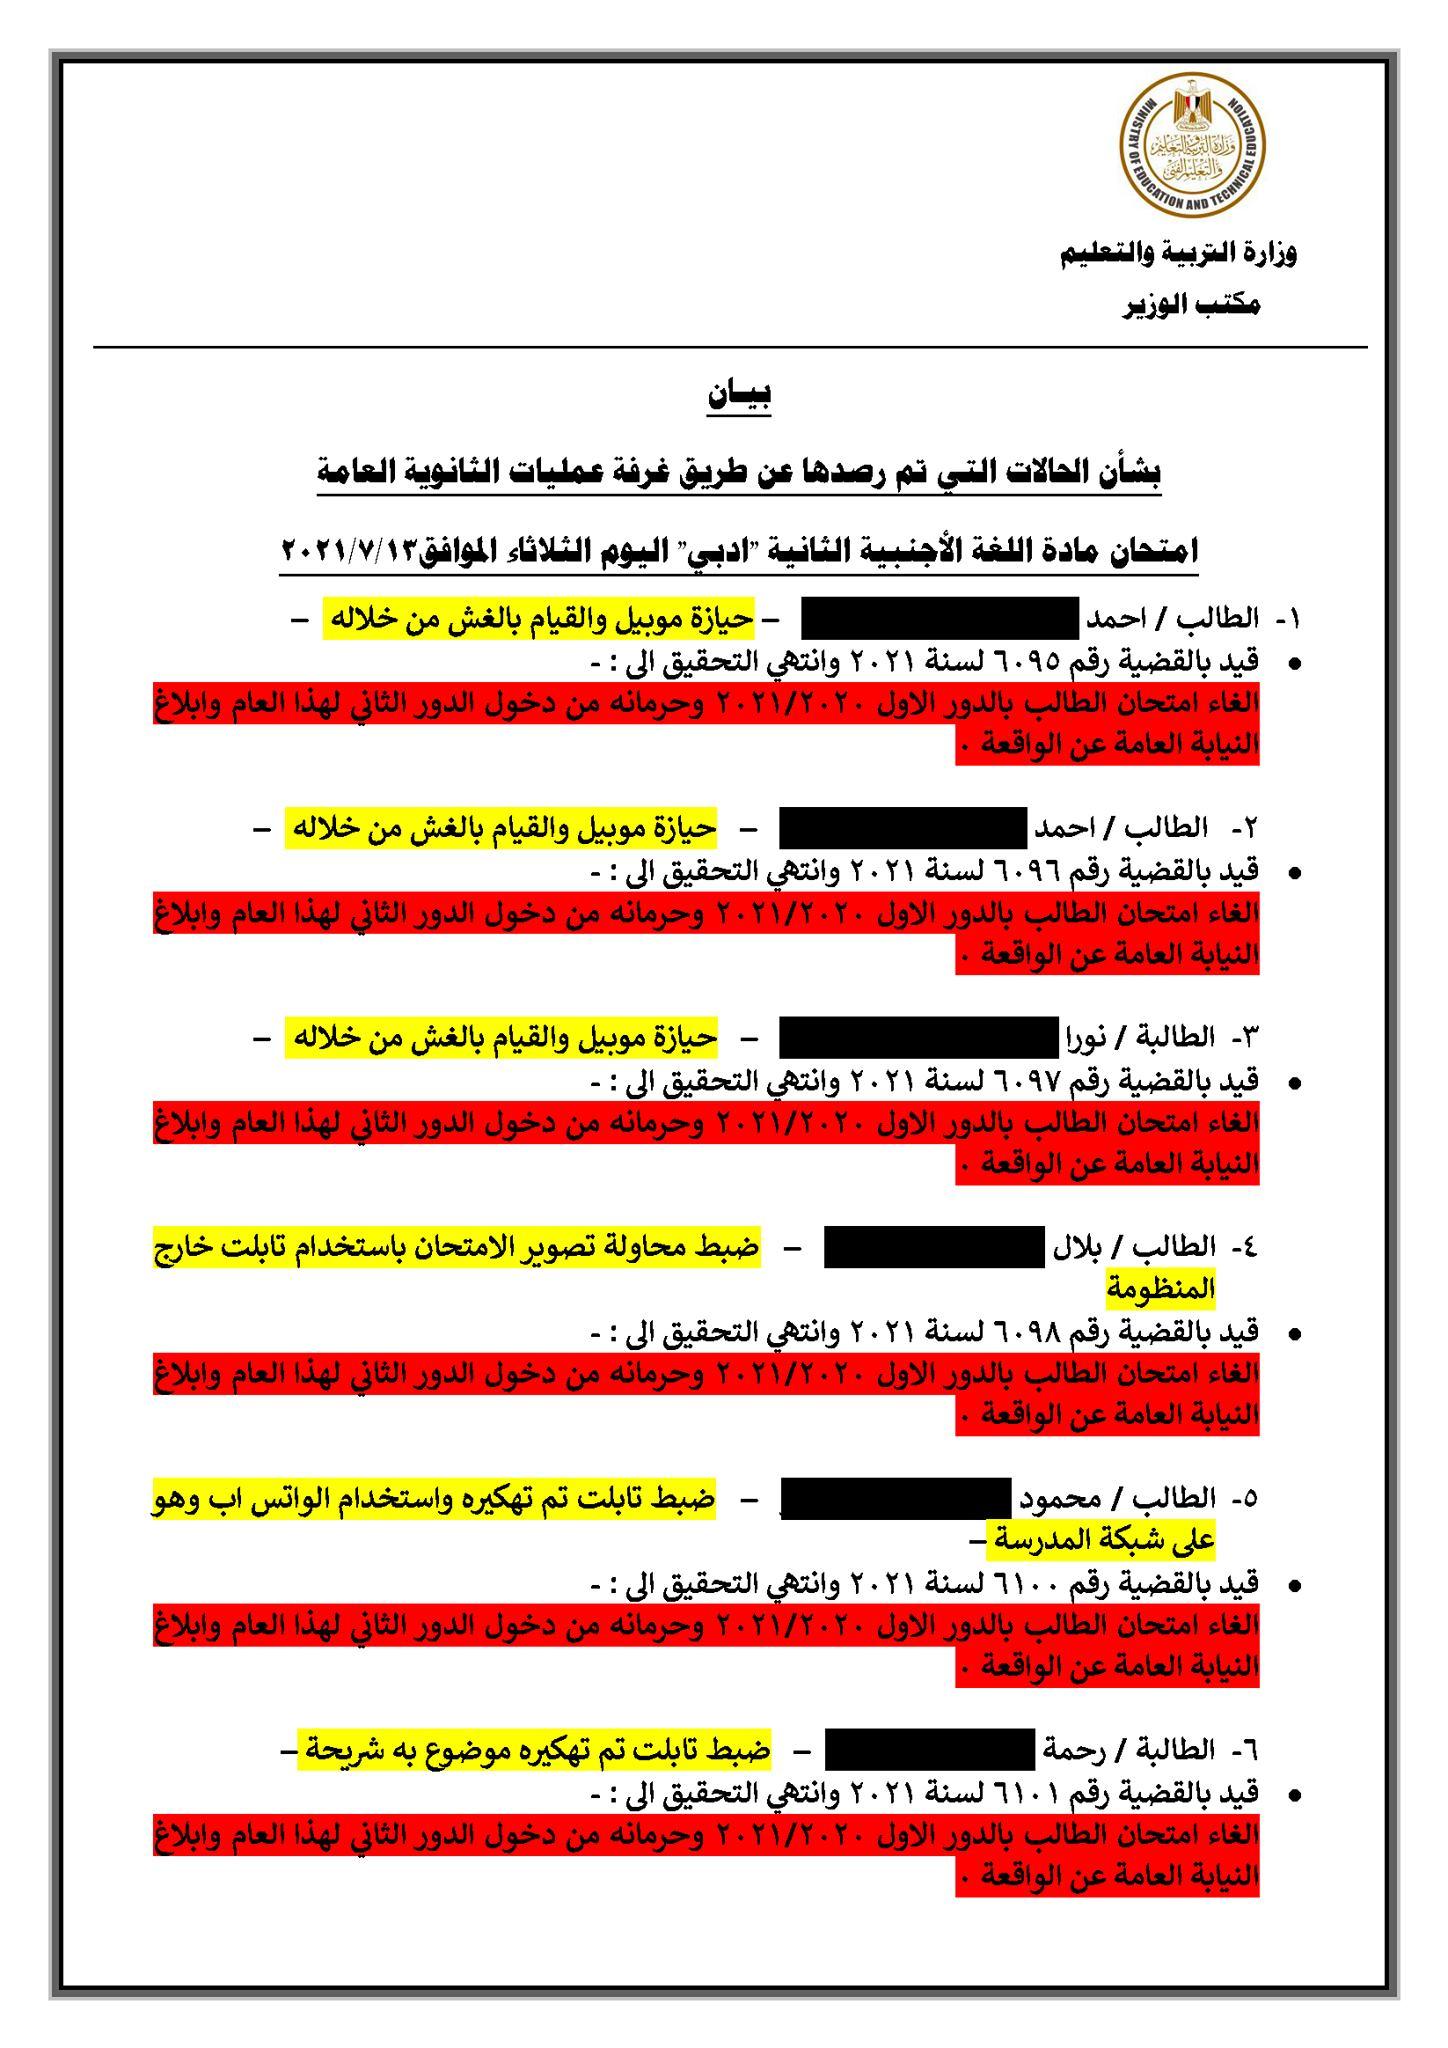 بالمستندات.. وزير التعليم ينشر بيانات طلاب الغش بامتحانات الثانوية العامة